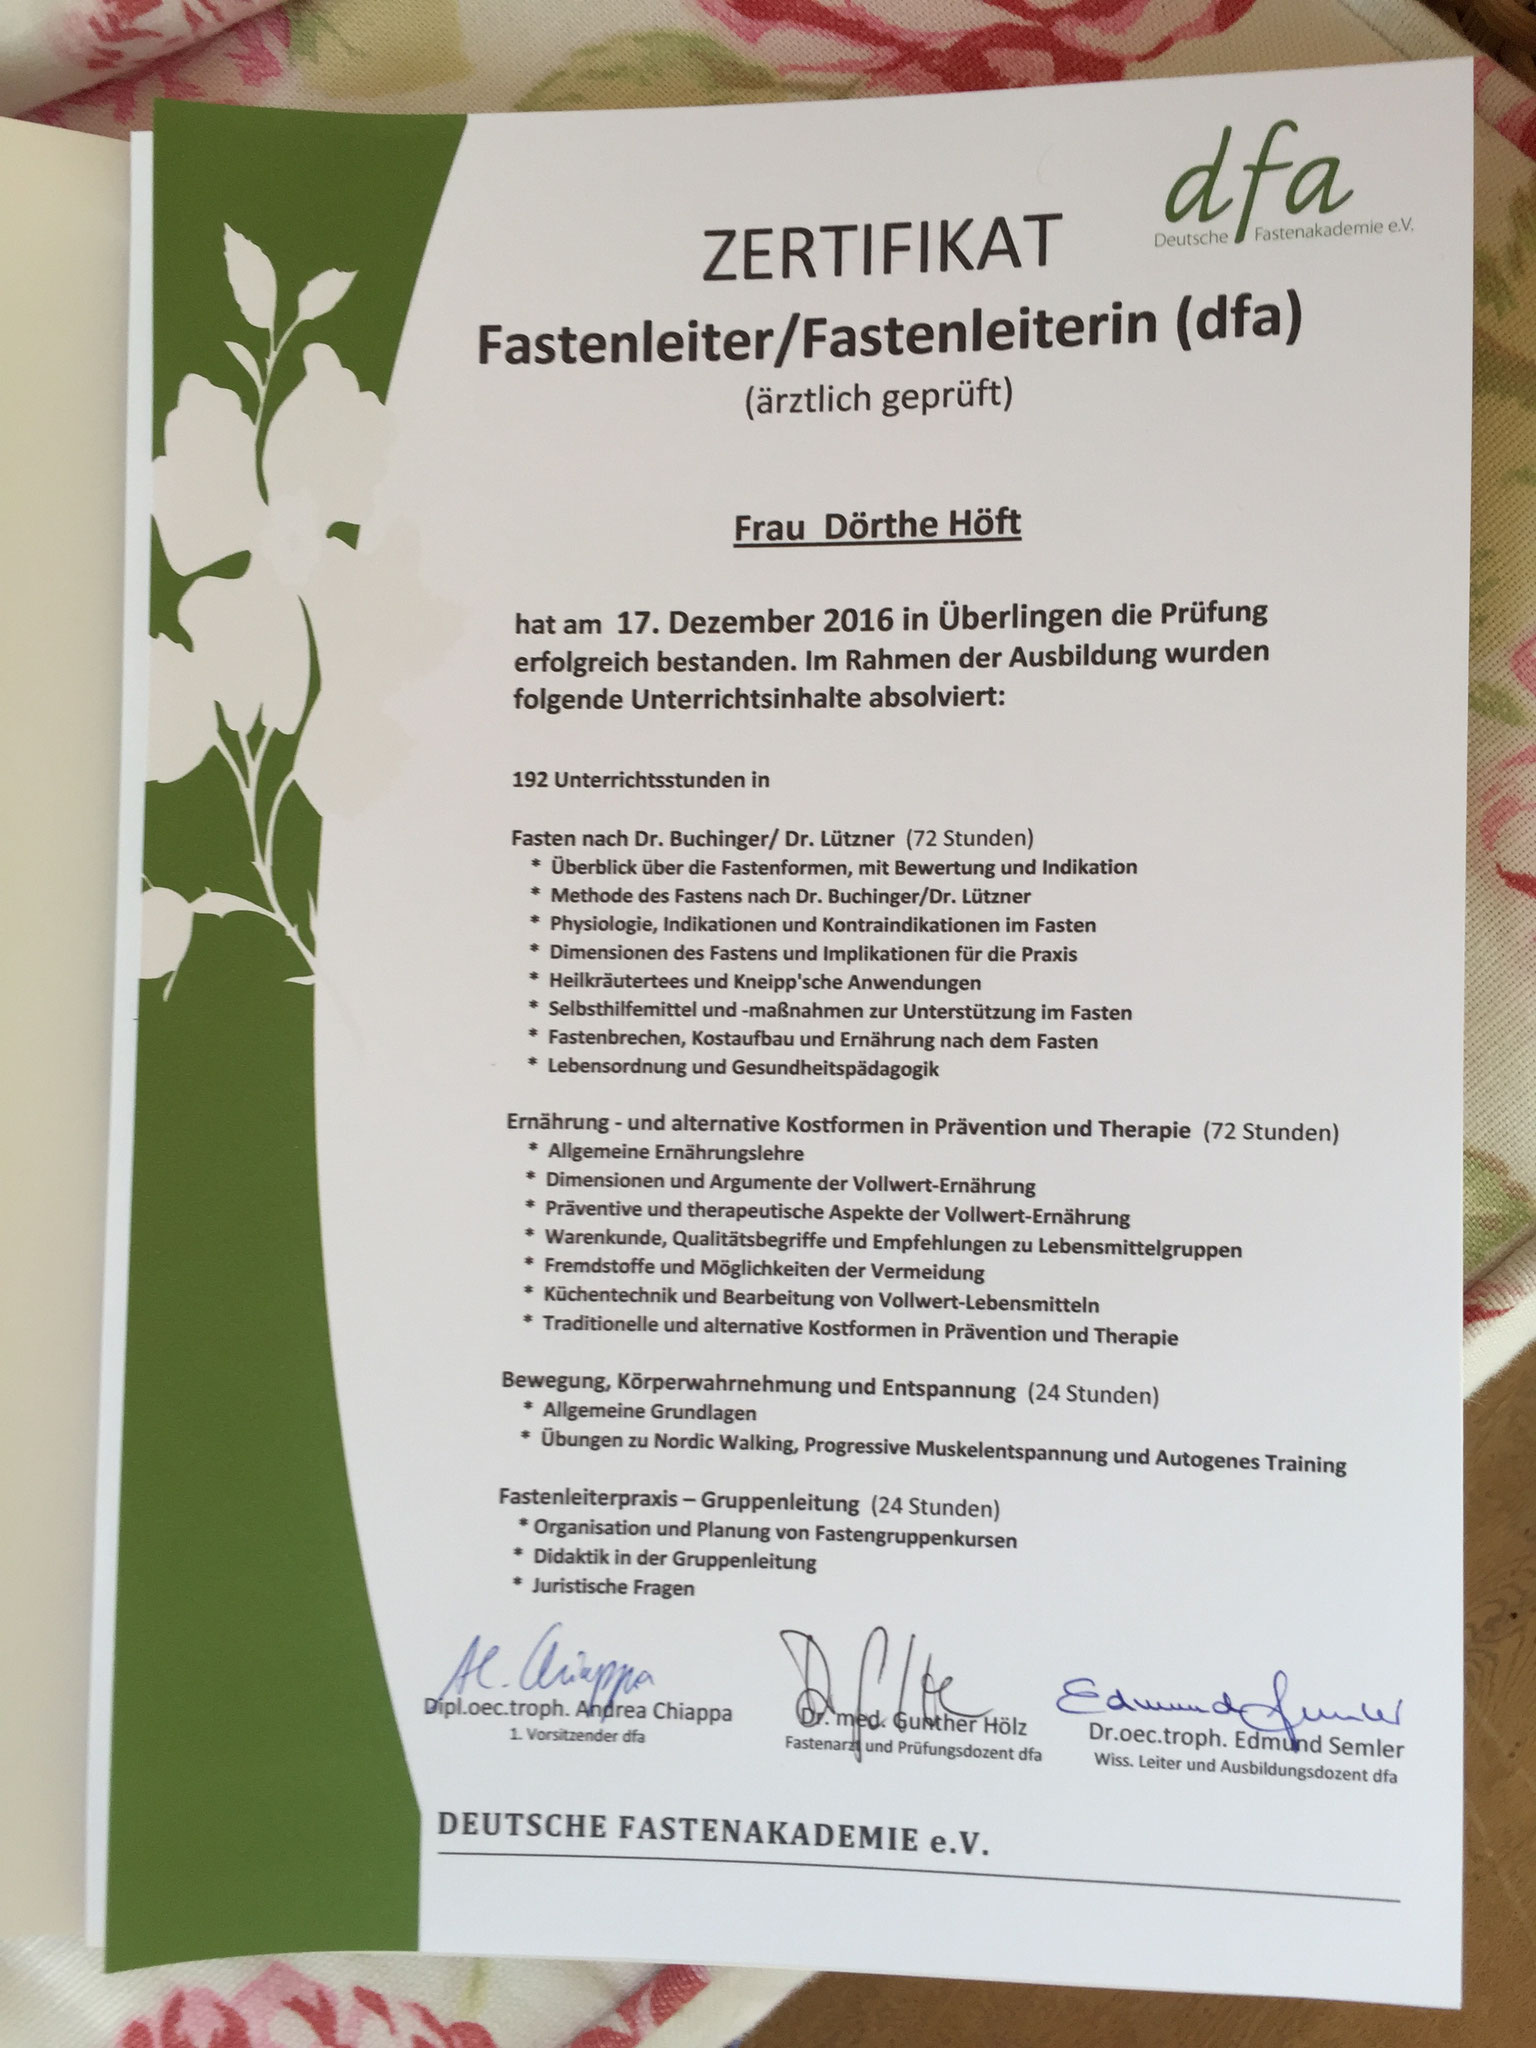 Zertifikat zur Fastenleiterin